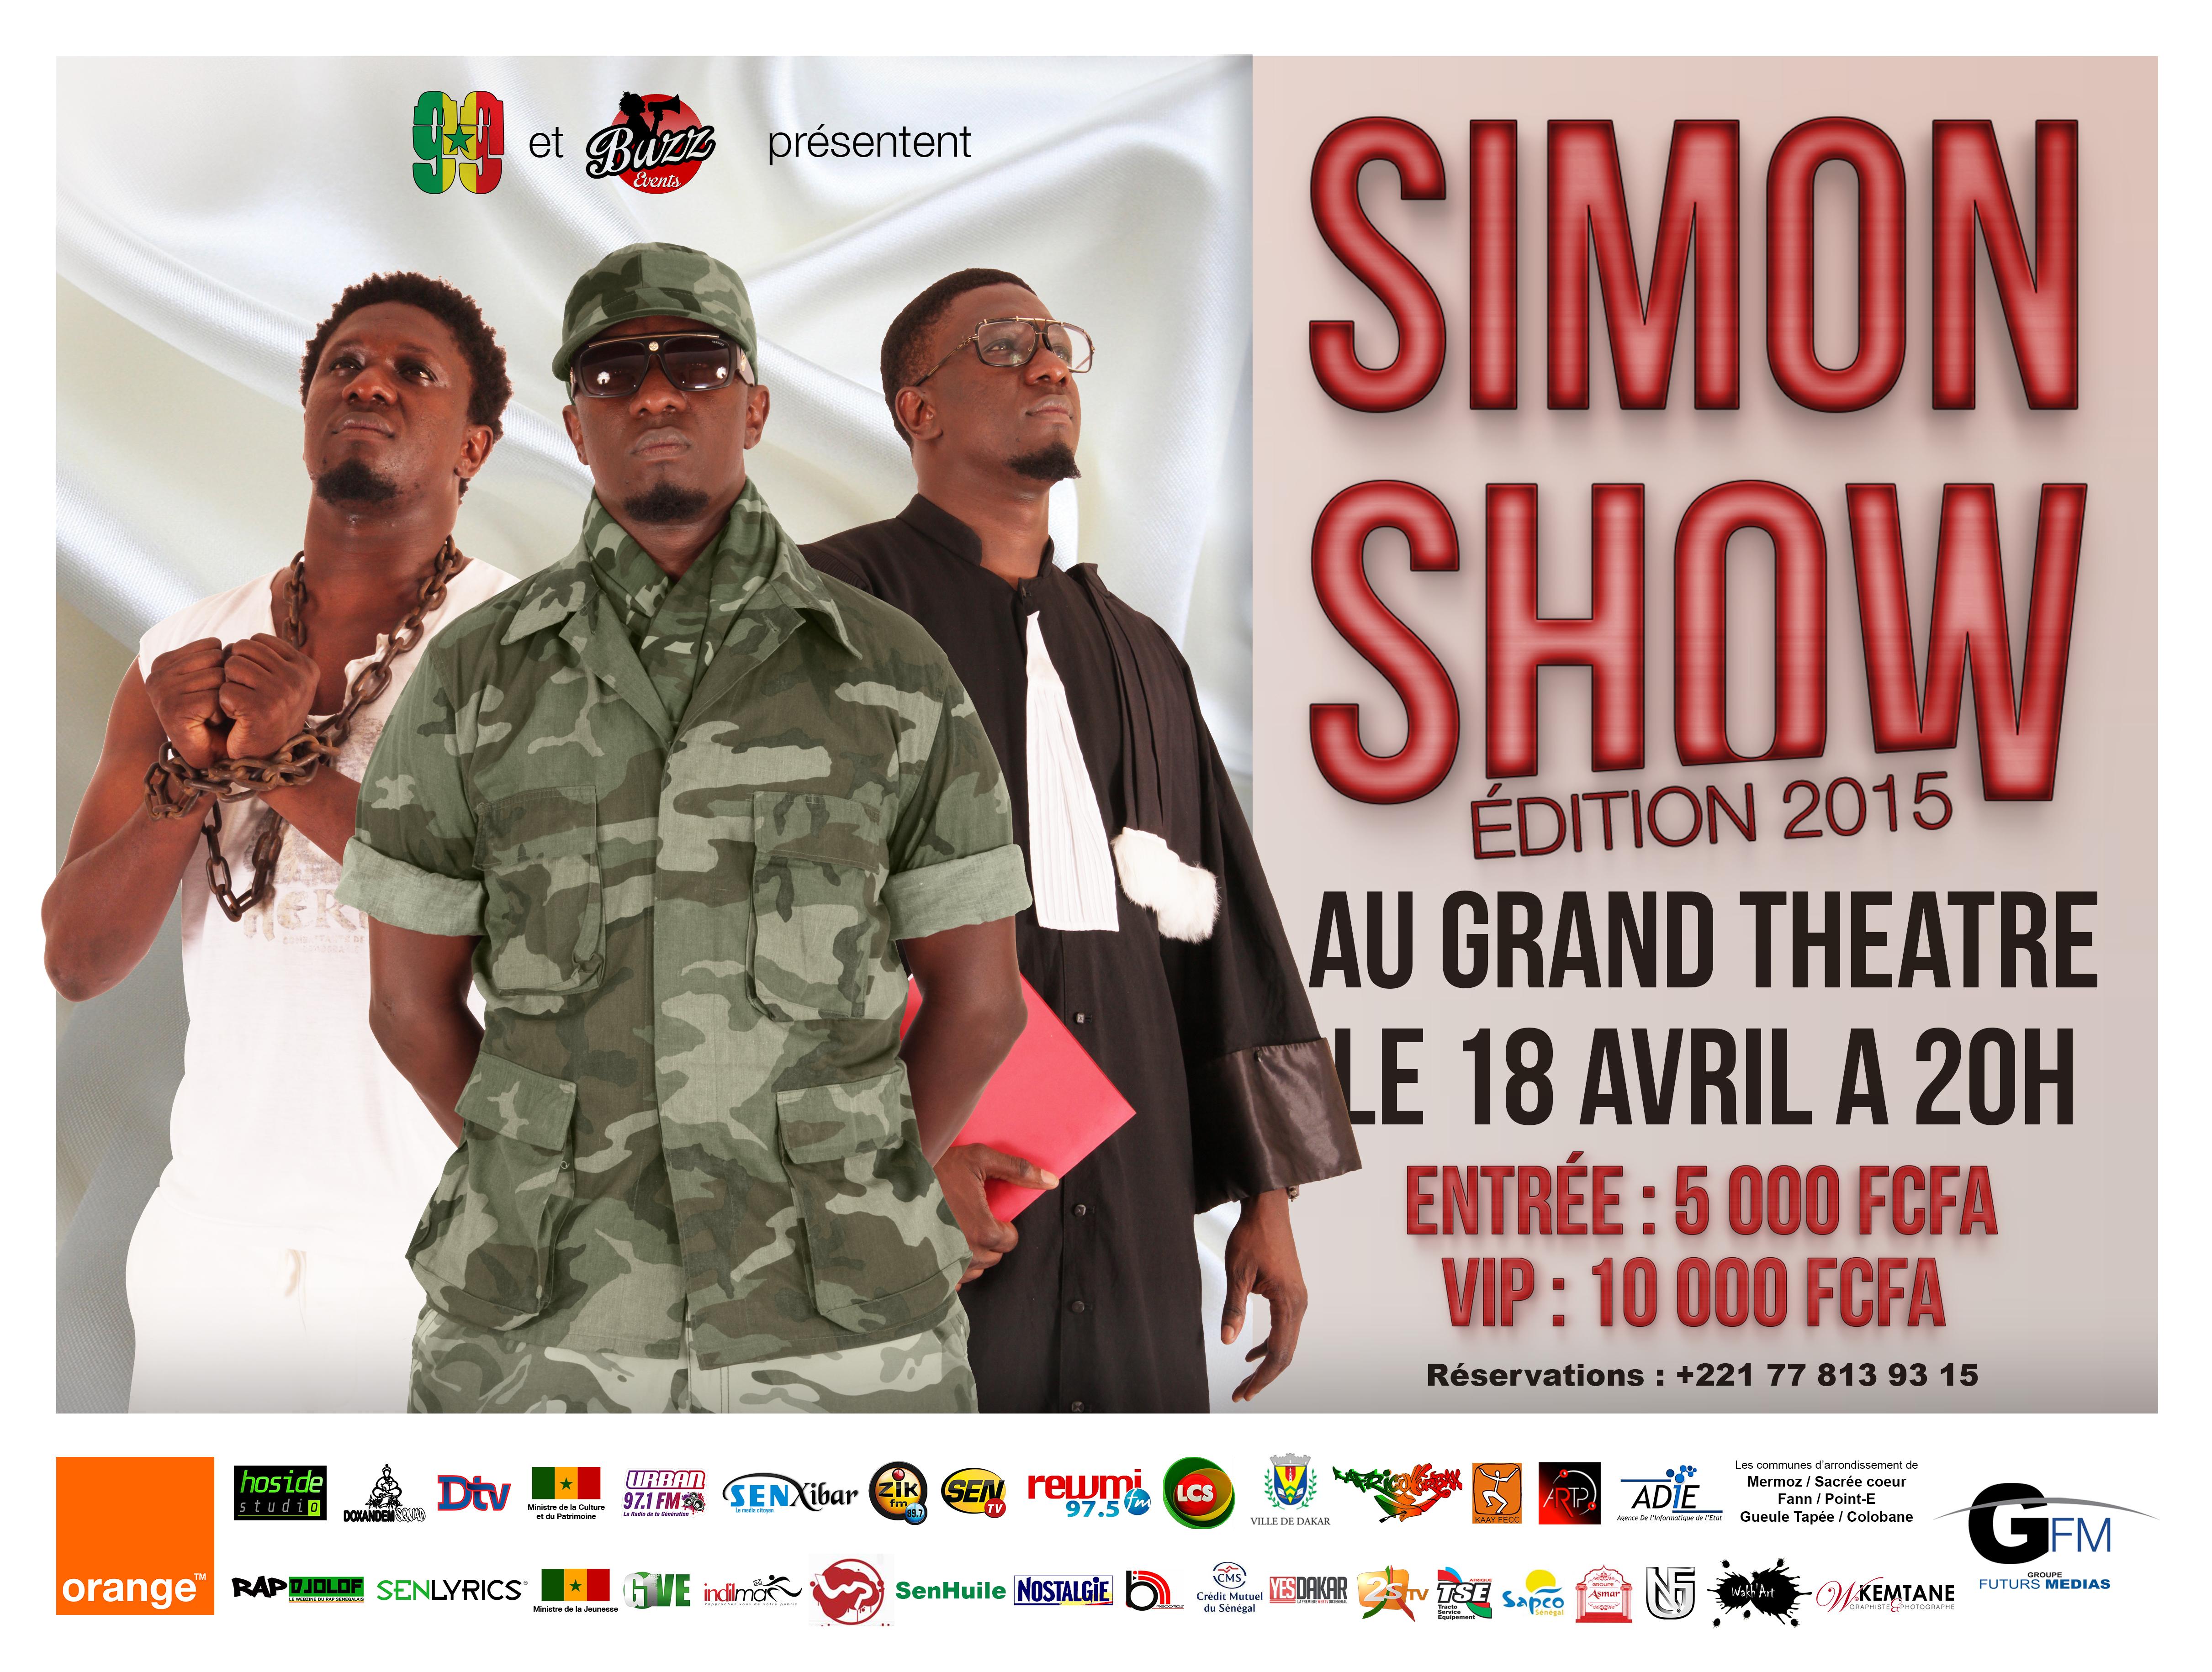 Simon Show 2015